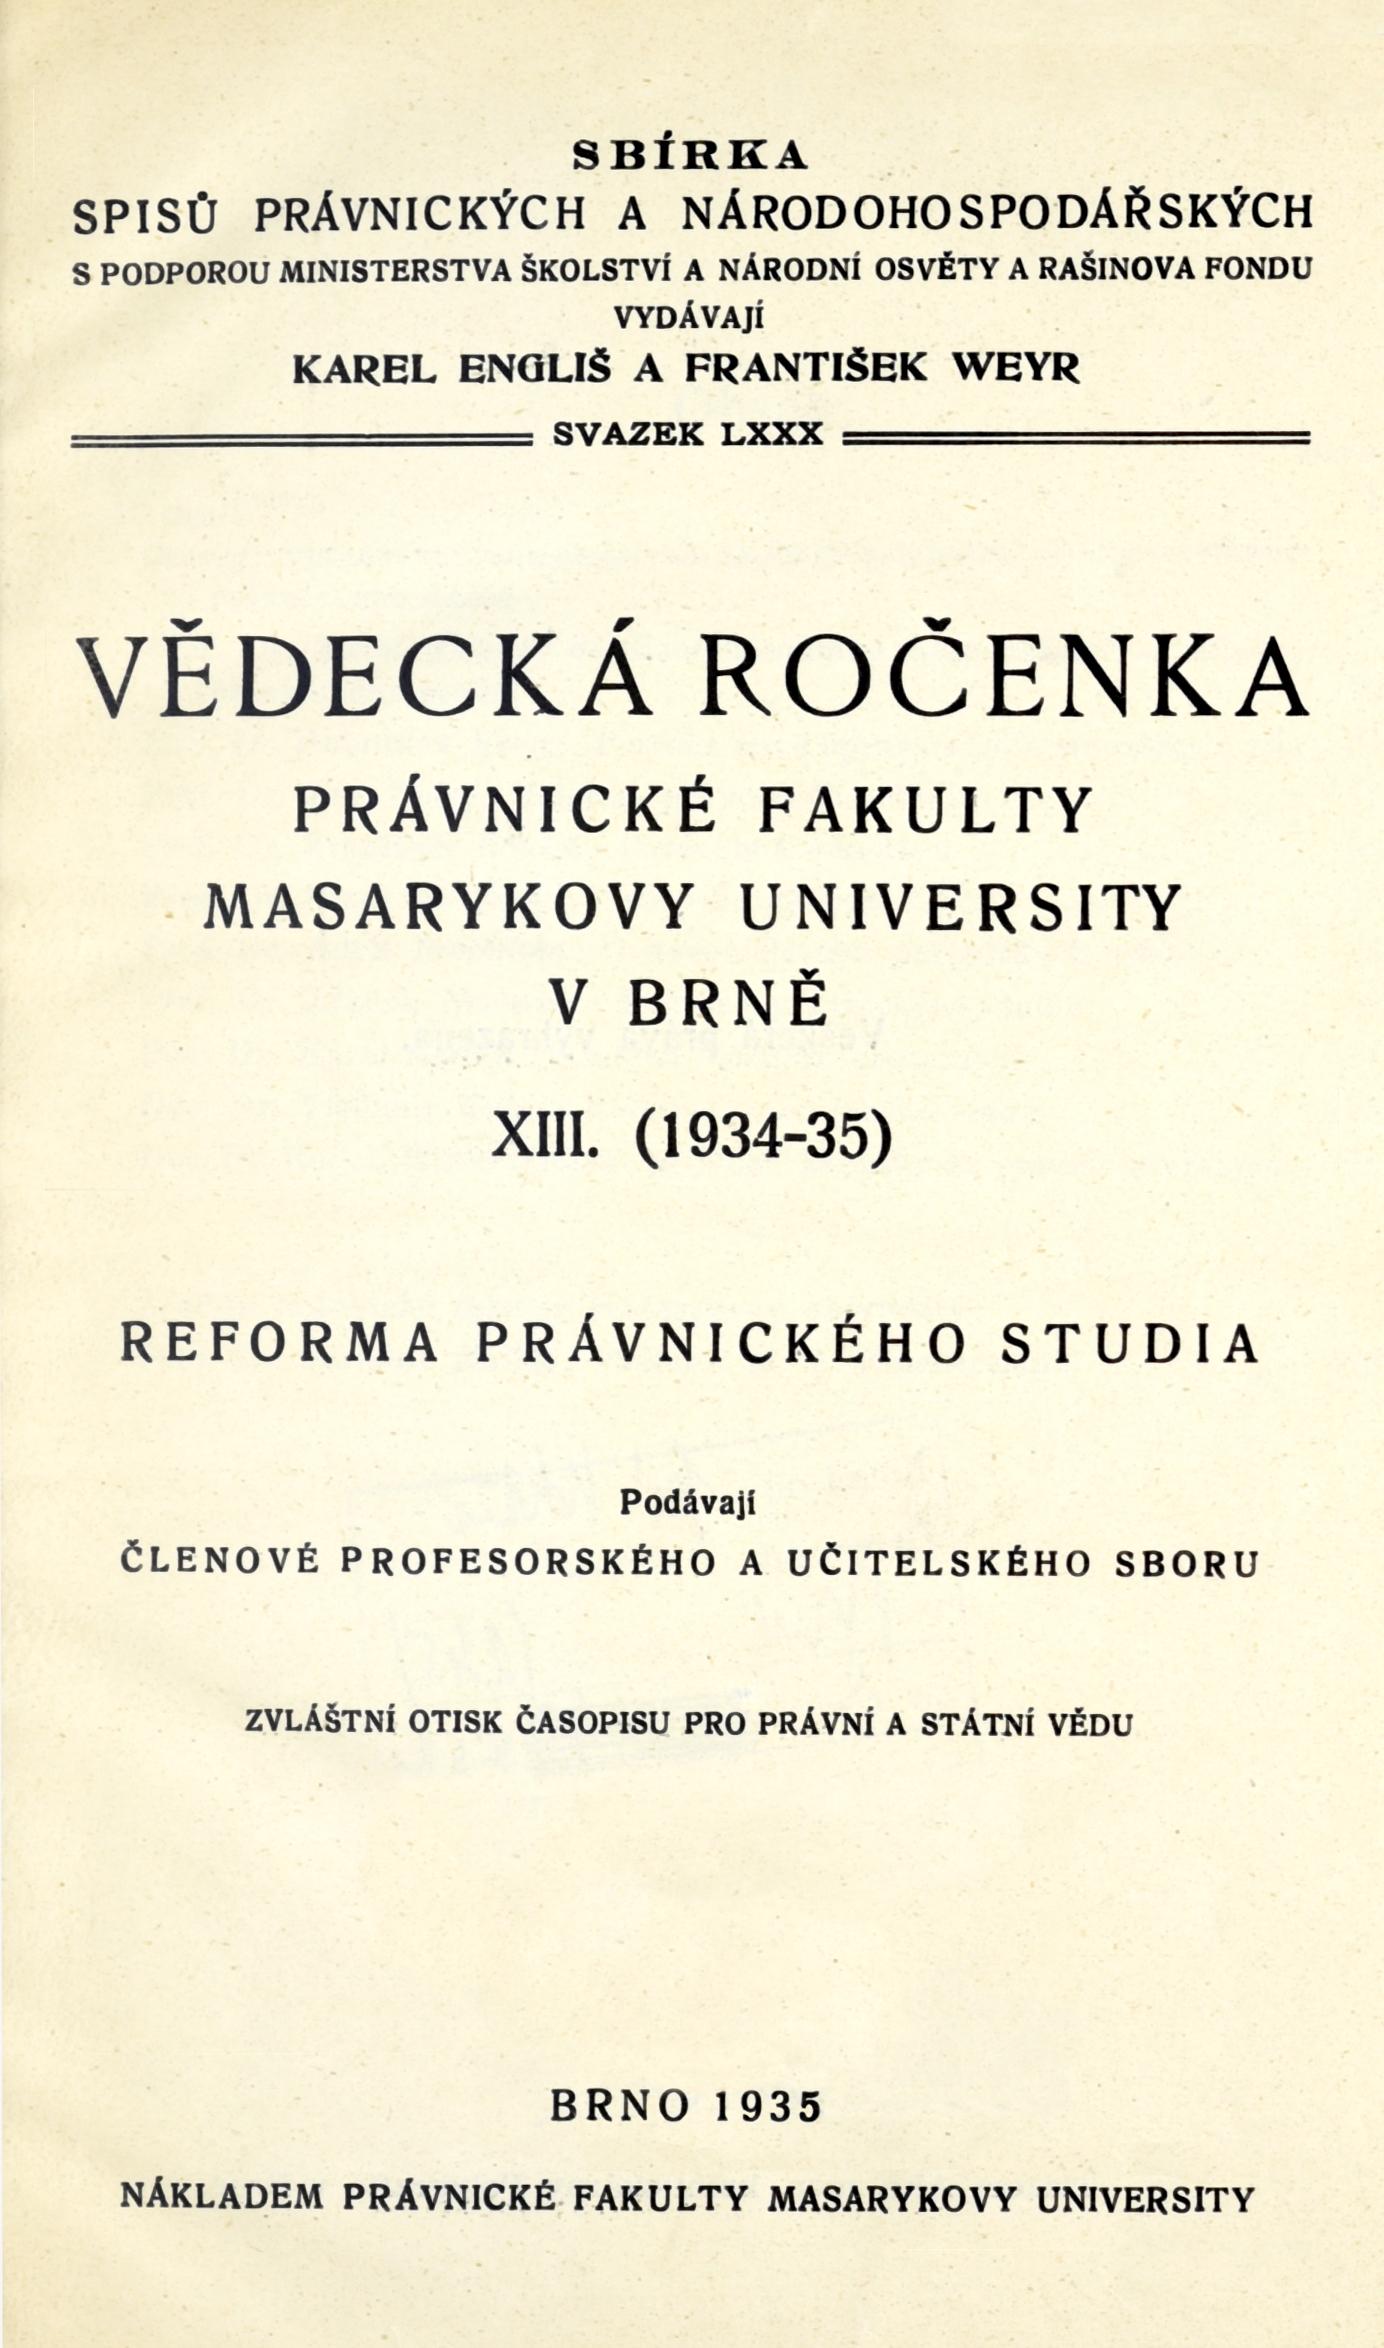 Obálka pro Vědecká ročenka právnické fakulty Masarykovy university v Brně. 13. (1934-35), Reforma právnického studia